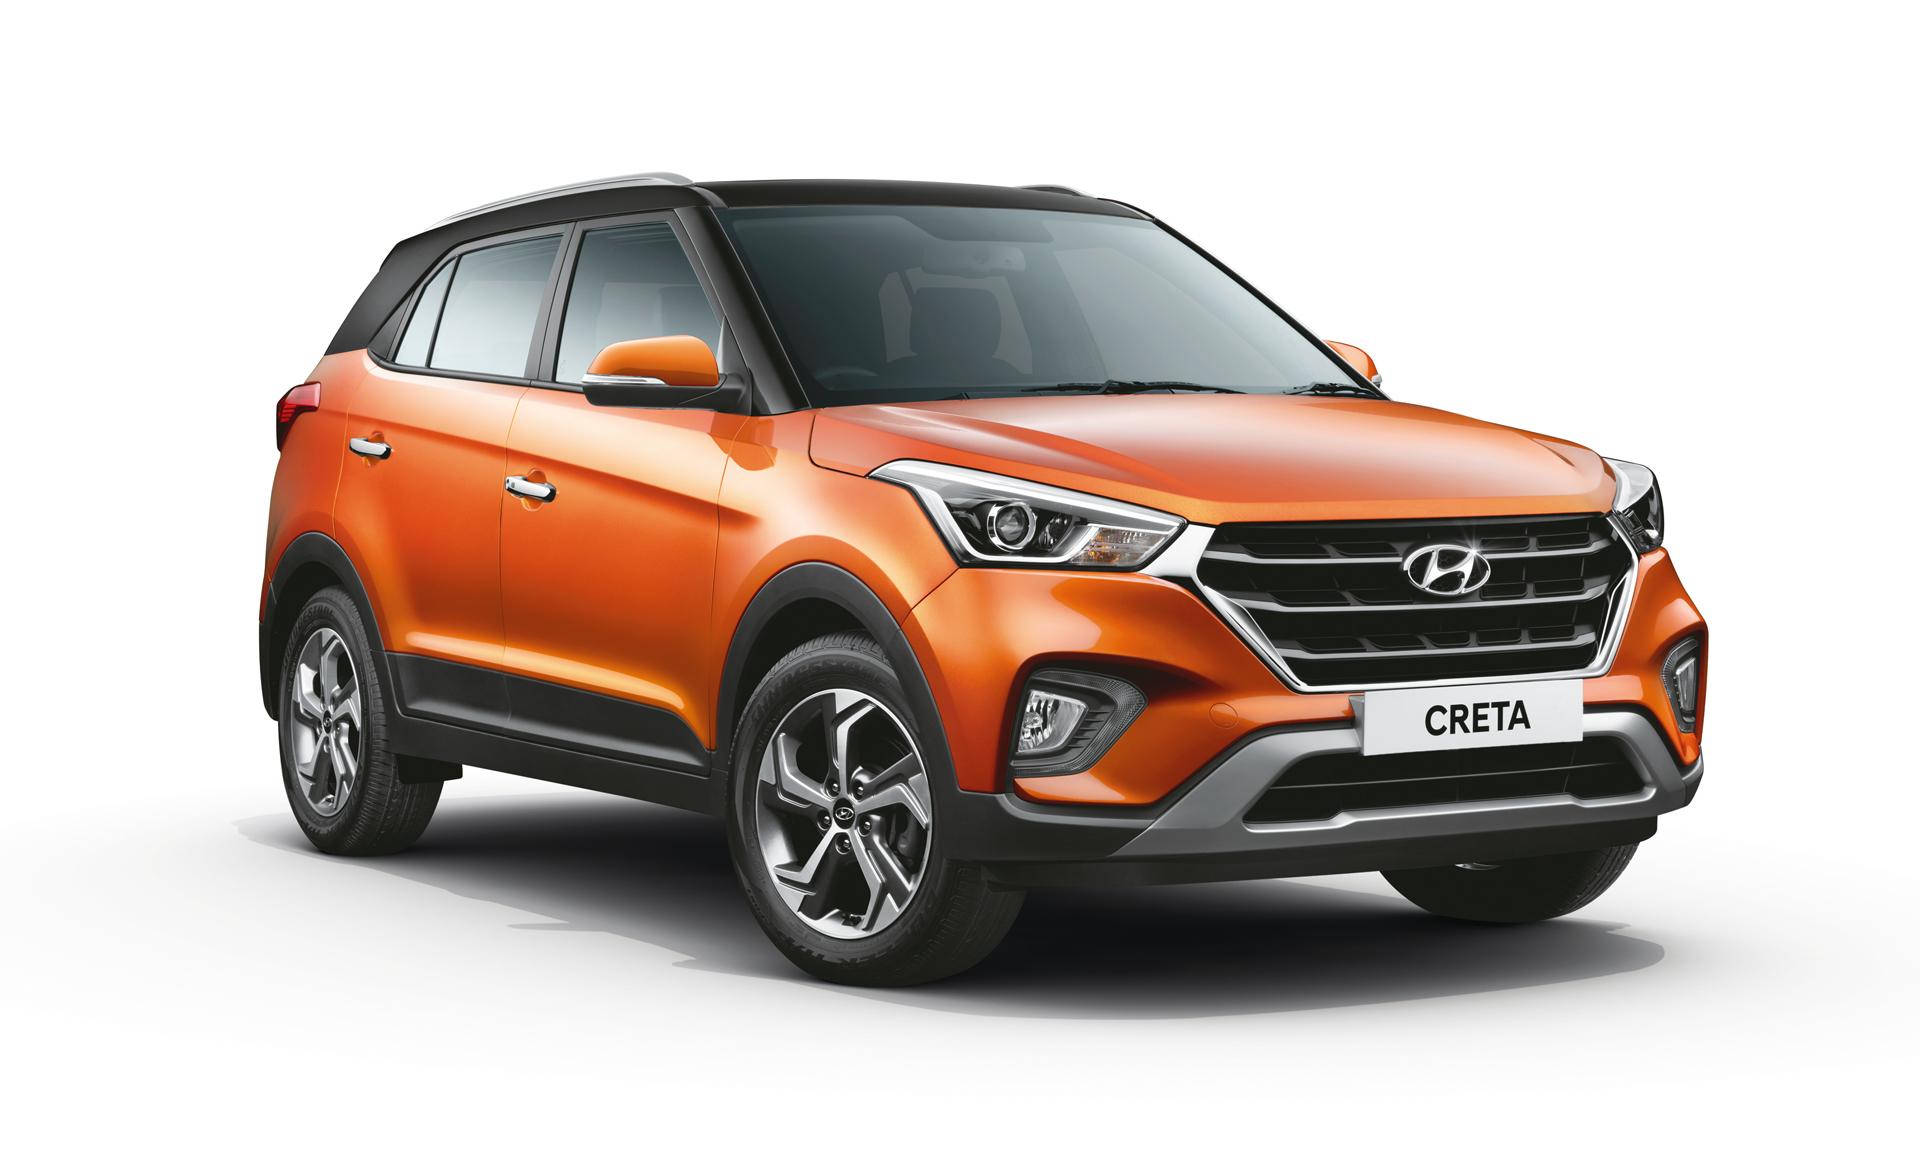 Hyundai Creta 2018 E Plus 1.4 CRDI Image